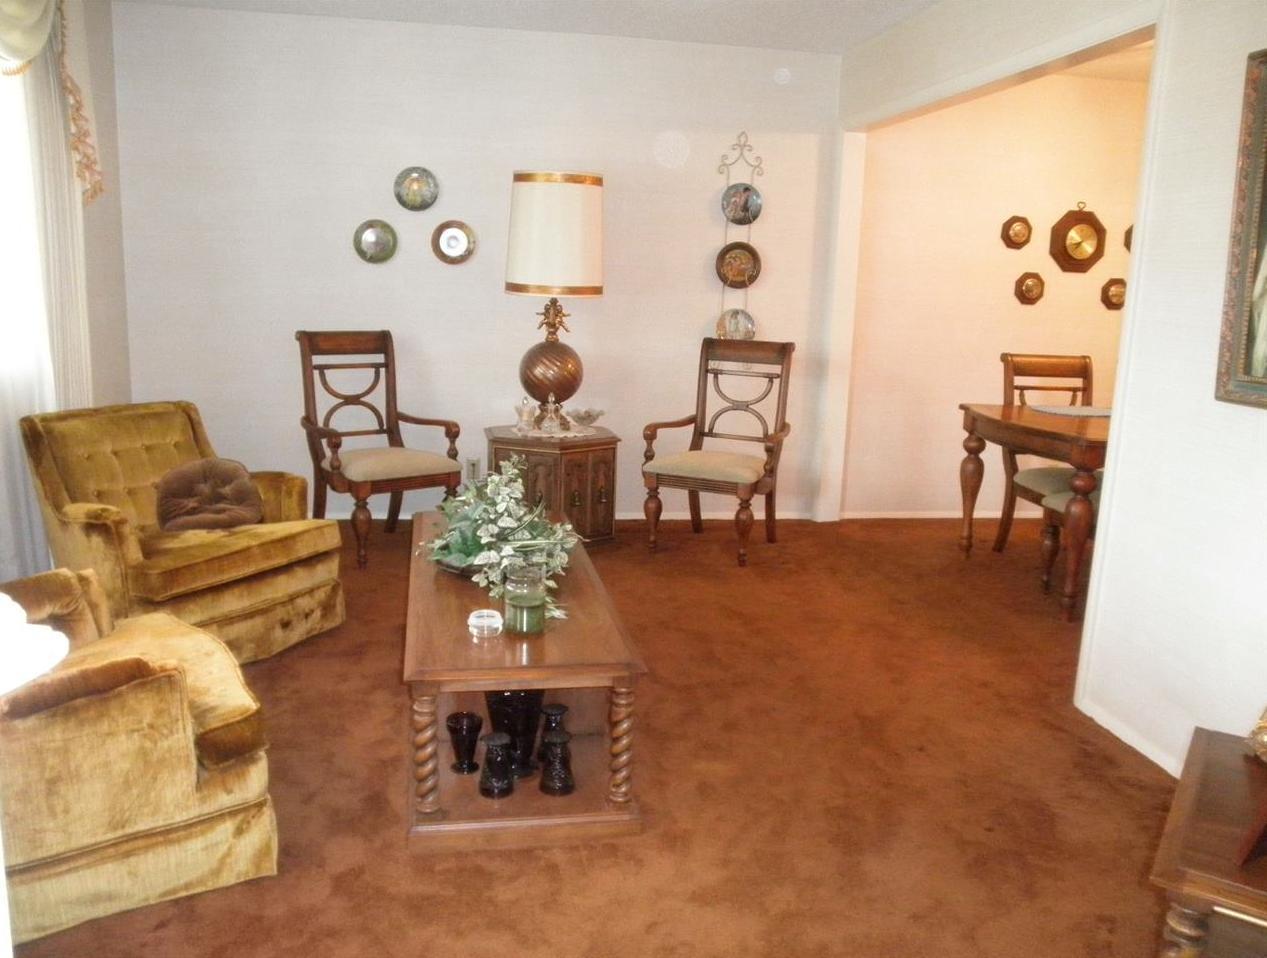 Sold Cross Sale W/ MLS | 1209 El Camino Ponca City, OK 74604 9